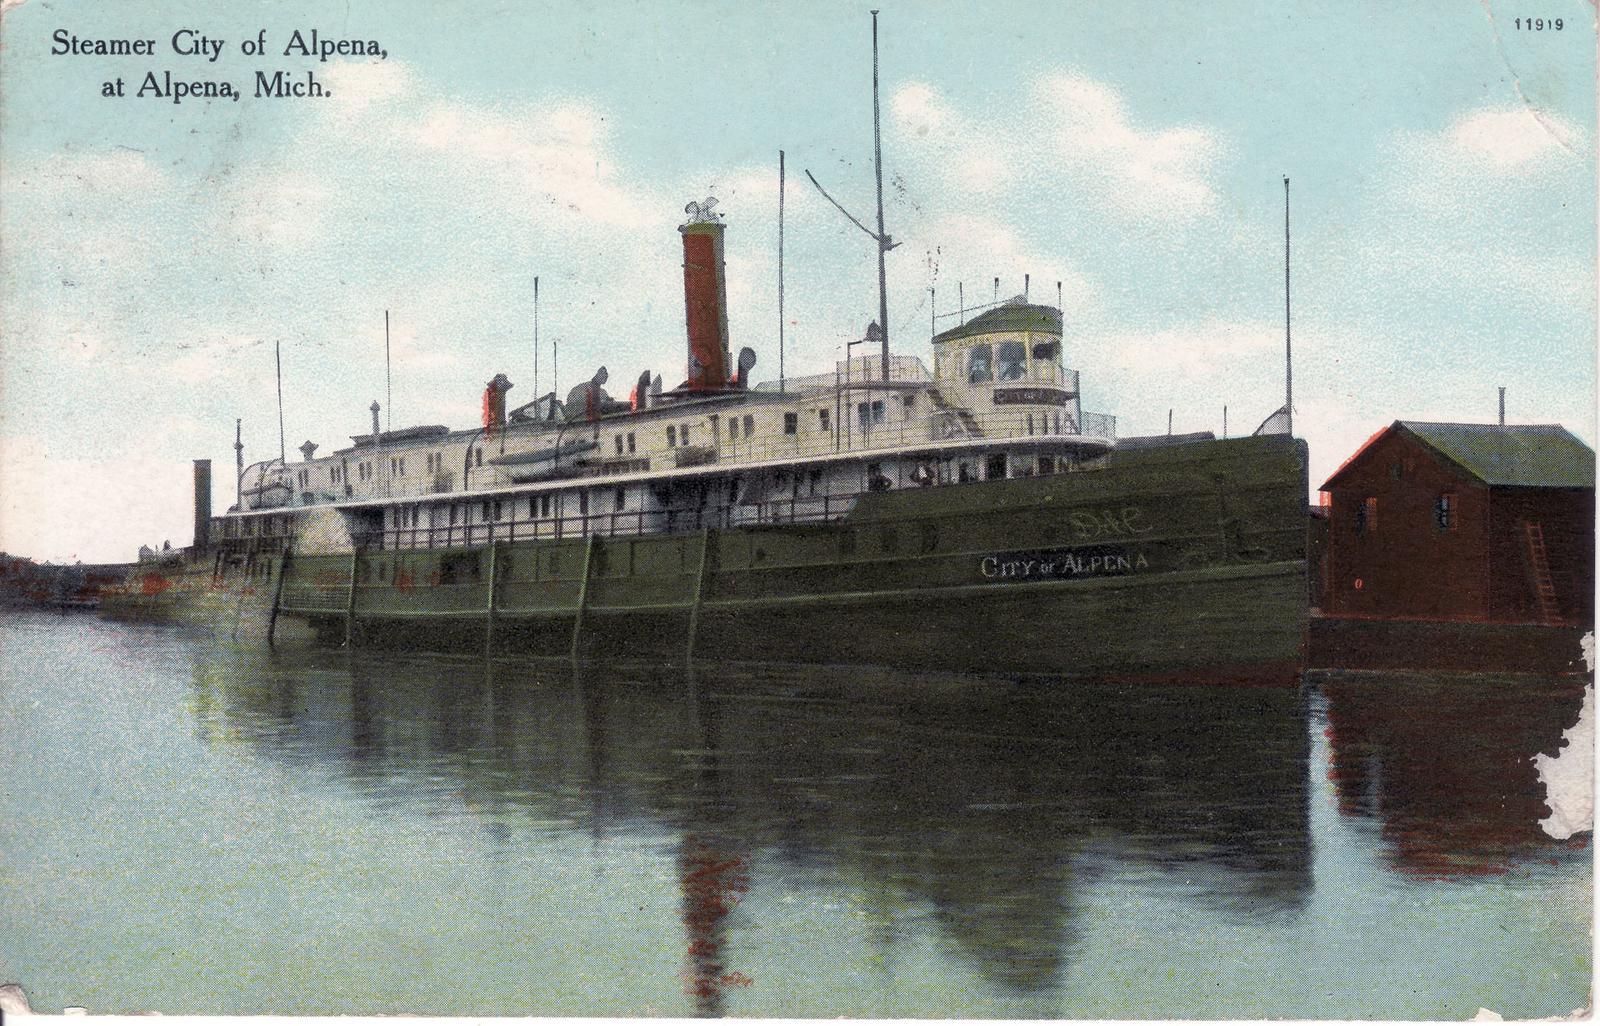 310 Steamer CITY OF ALPENA